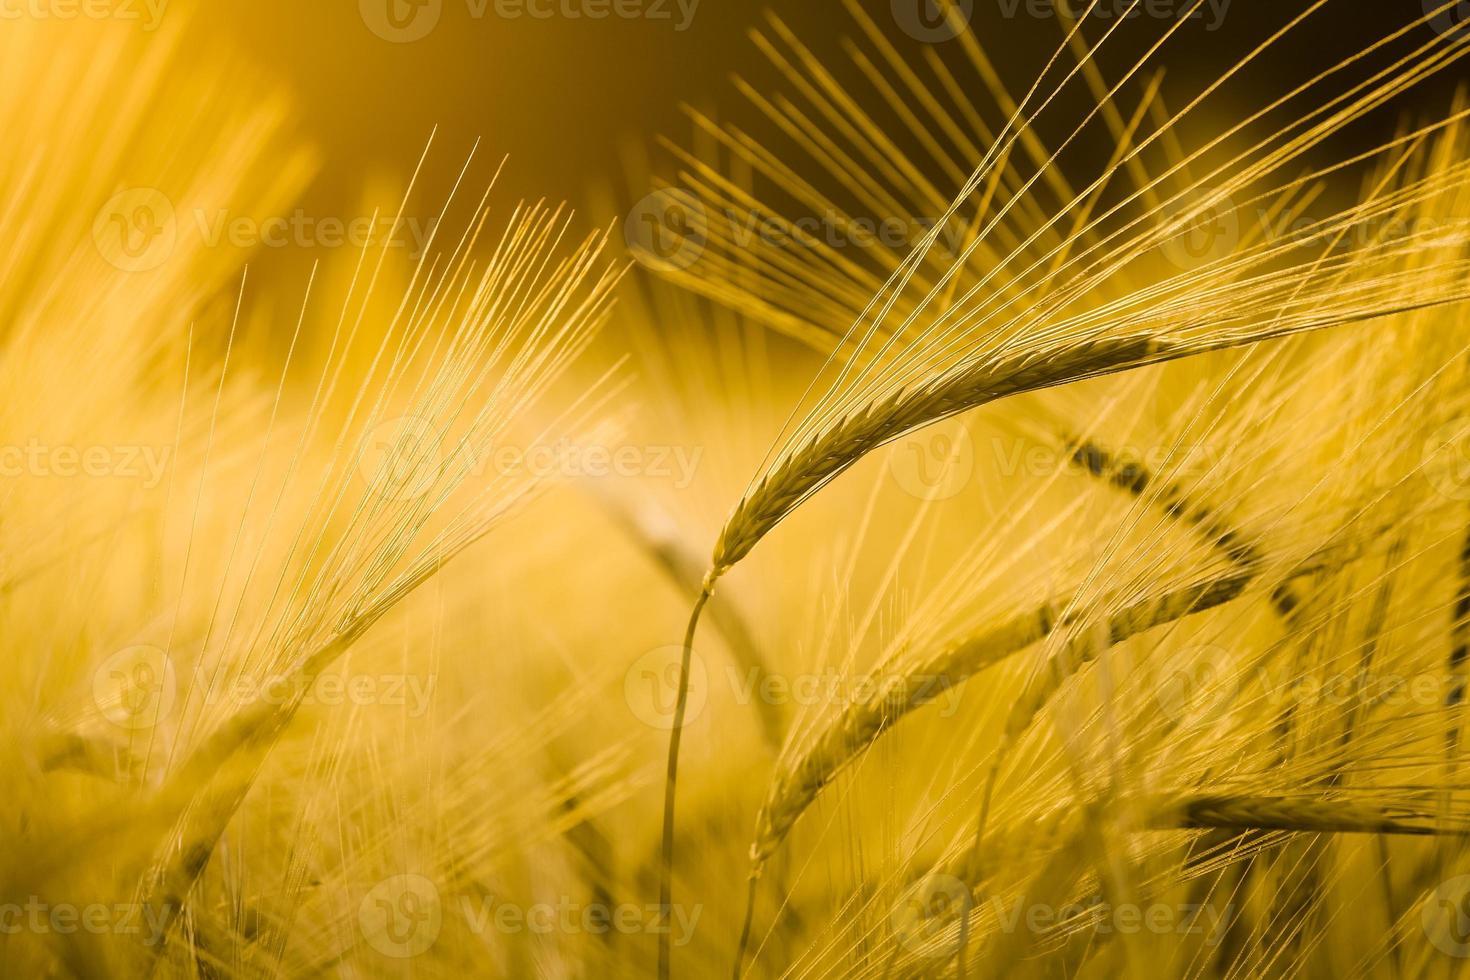 detalj av kornfält foto